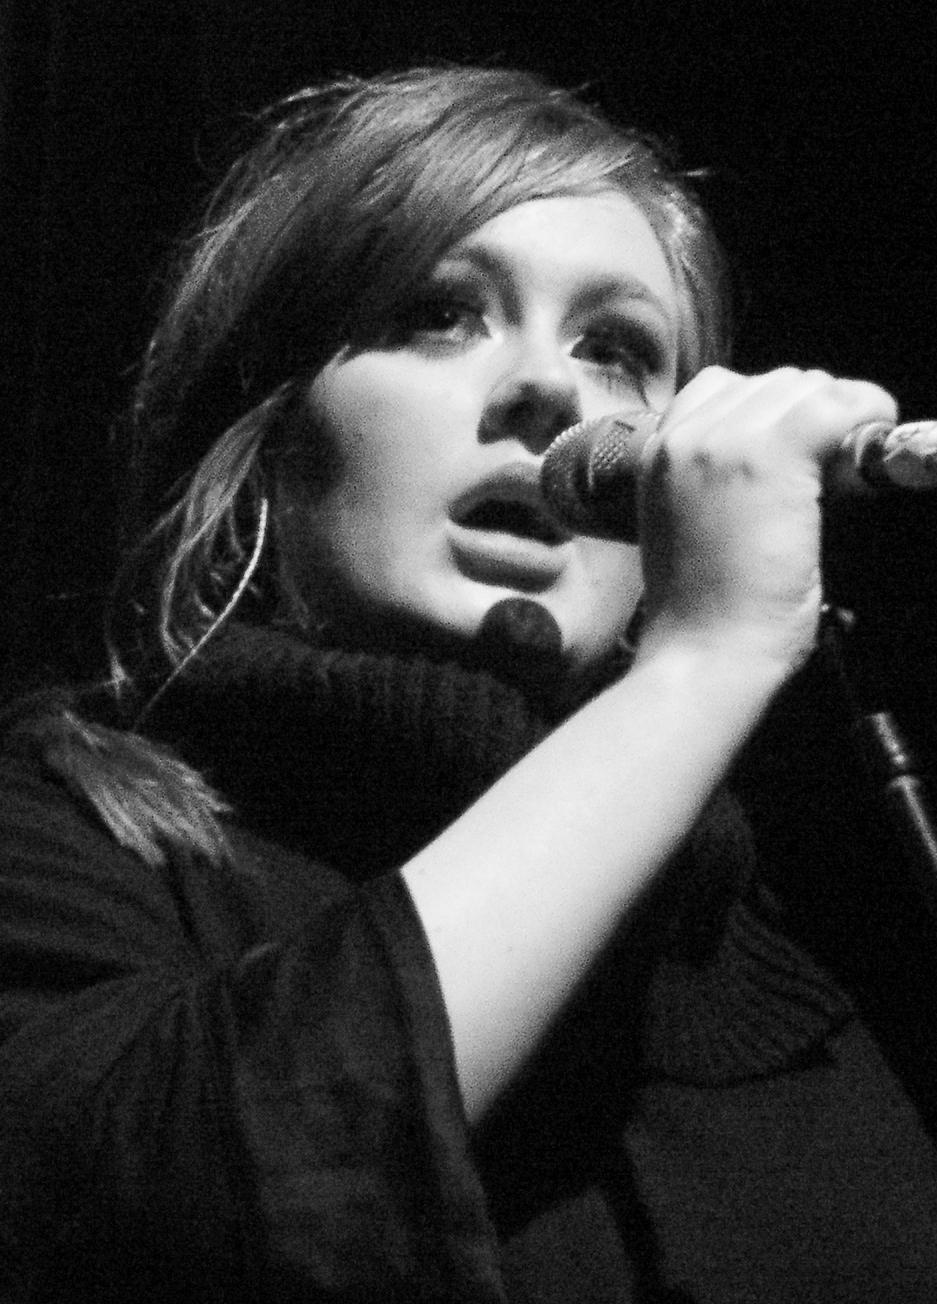 Adele (singer)